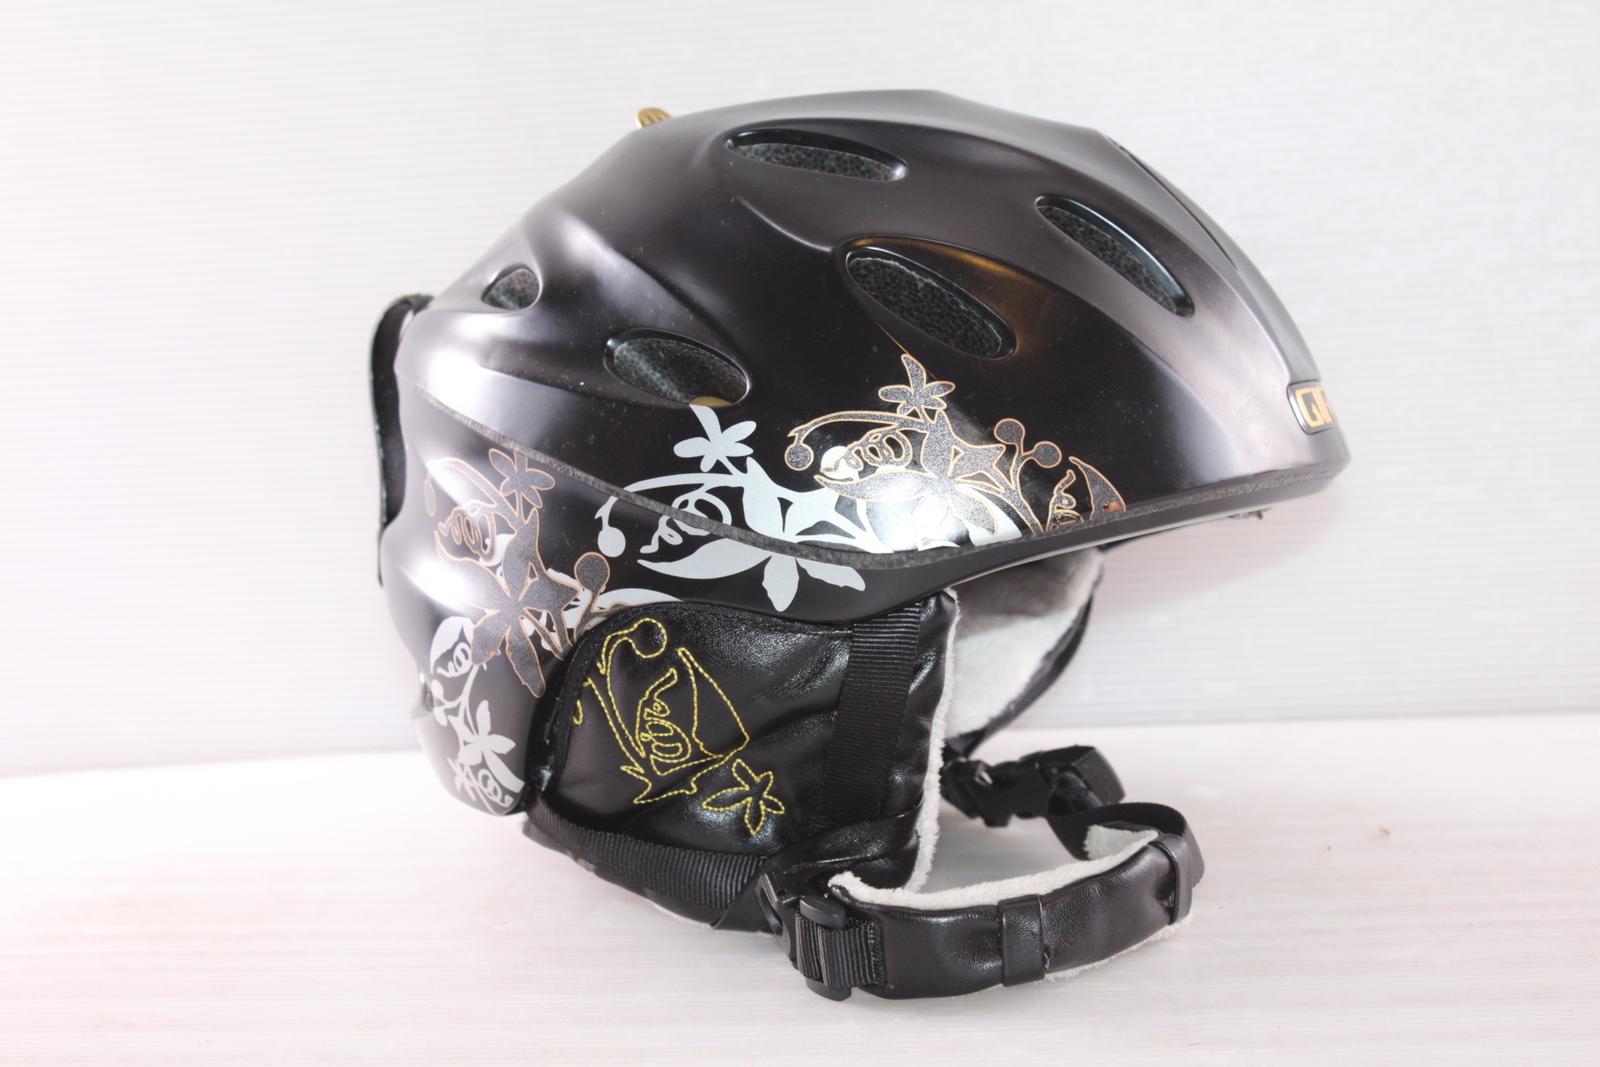 Dámská lyžařská helma Giro Prima - posuvná vel. 54 - 56